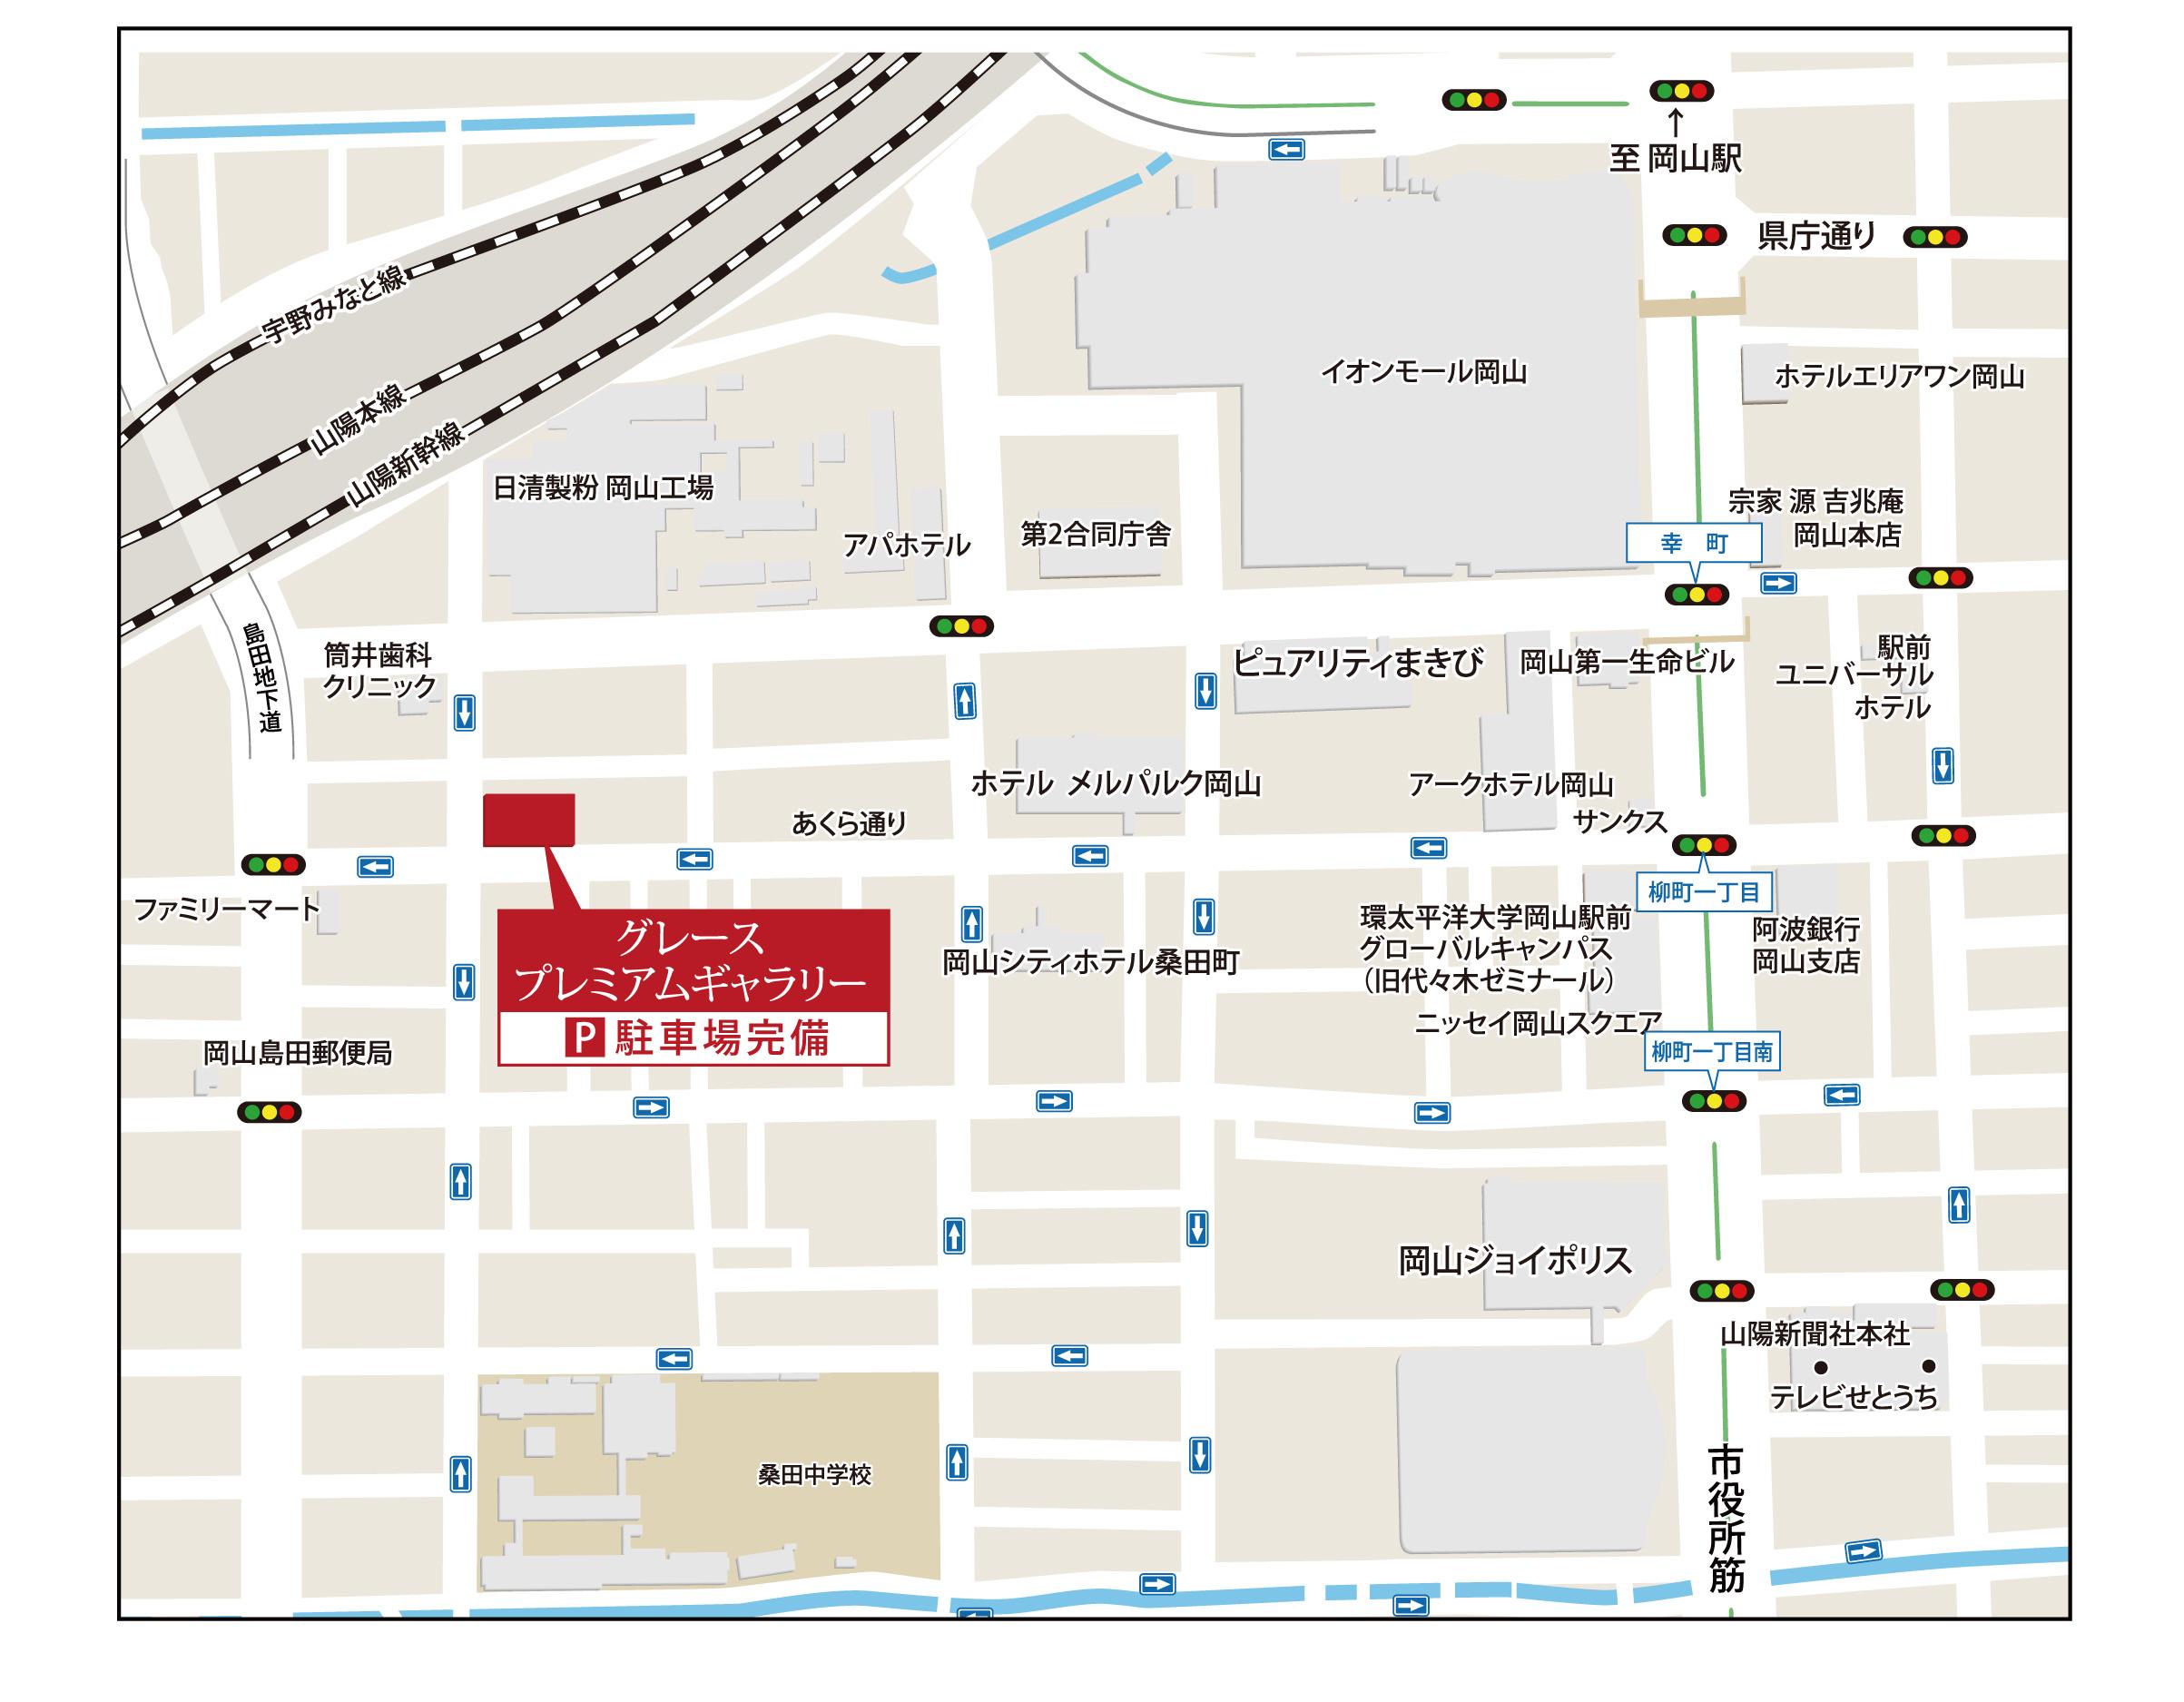 ザ・グレース徳吉町:モデルルーム地図